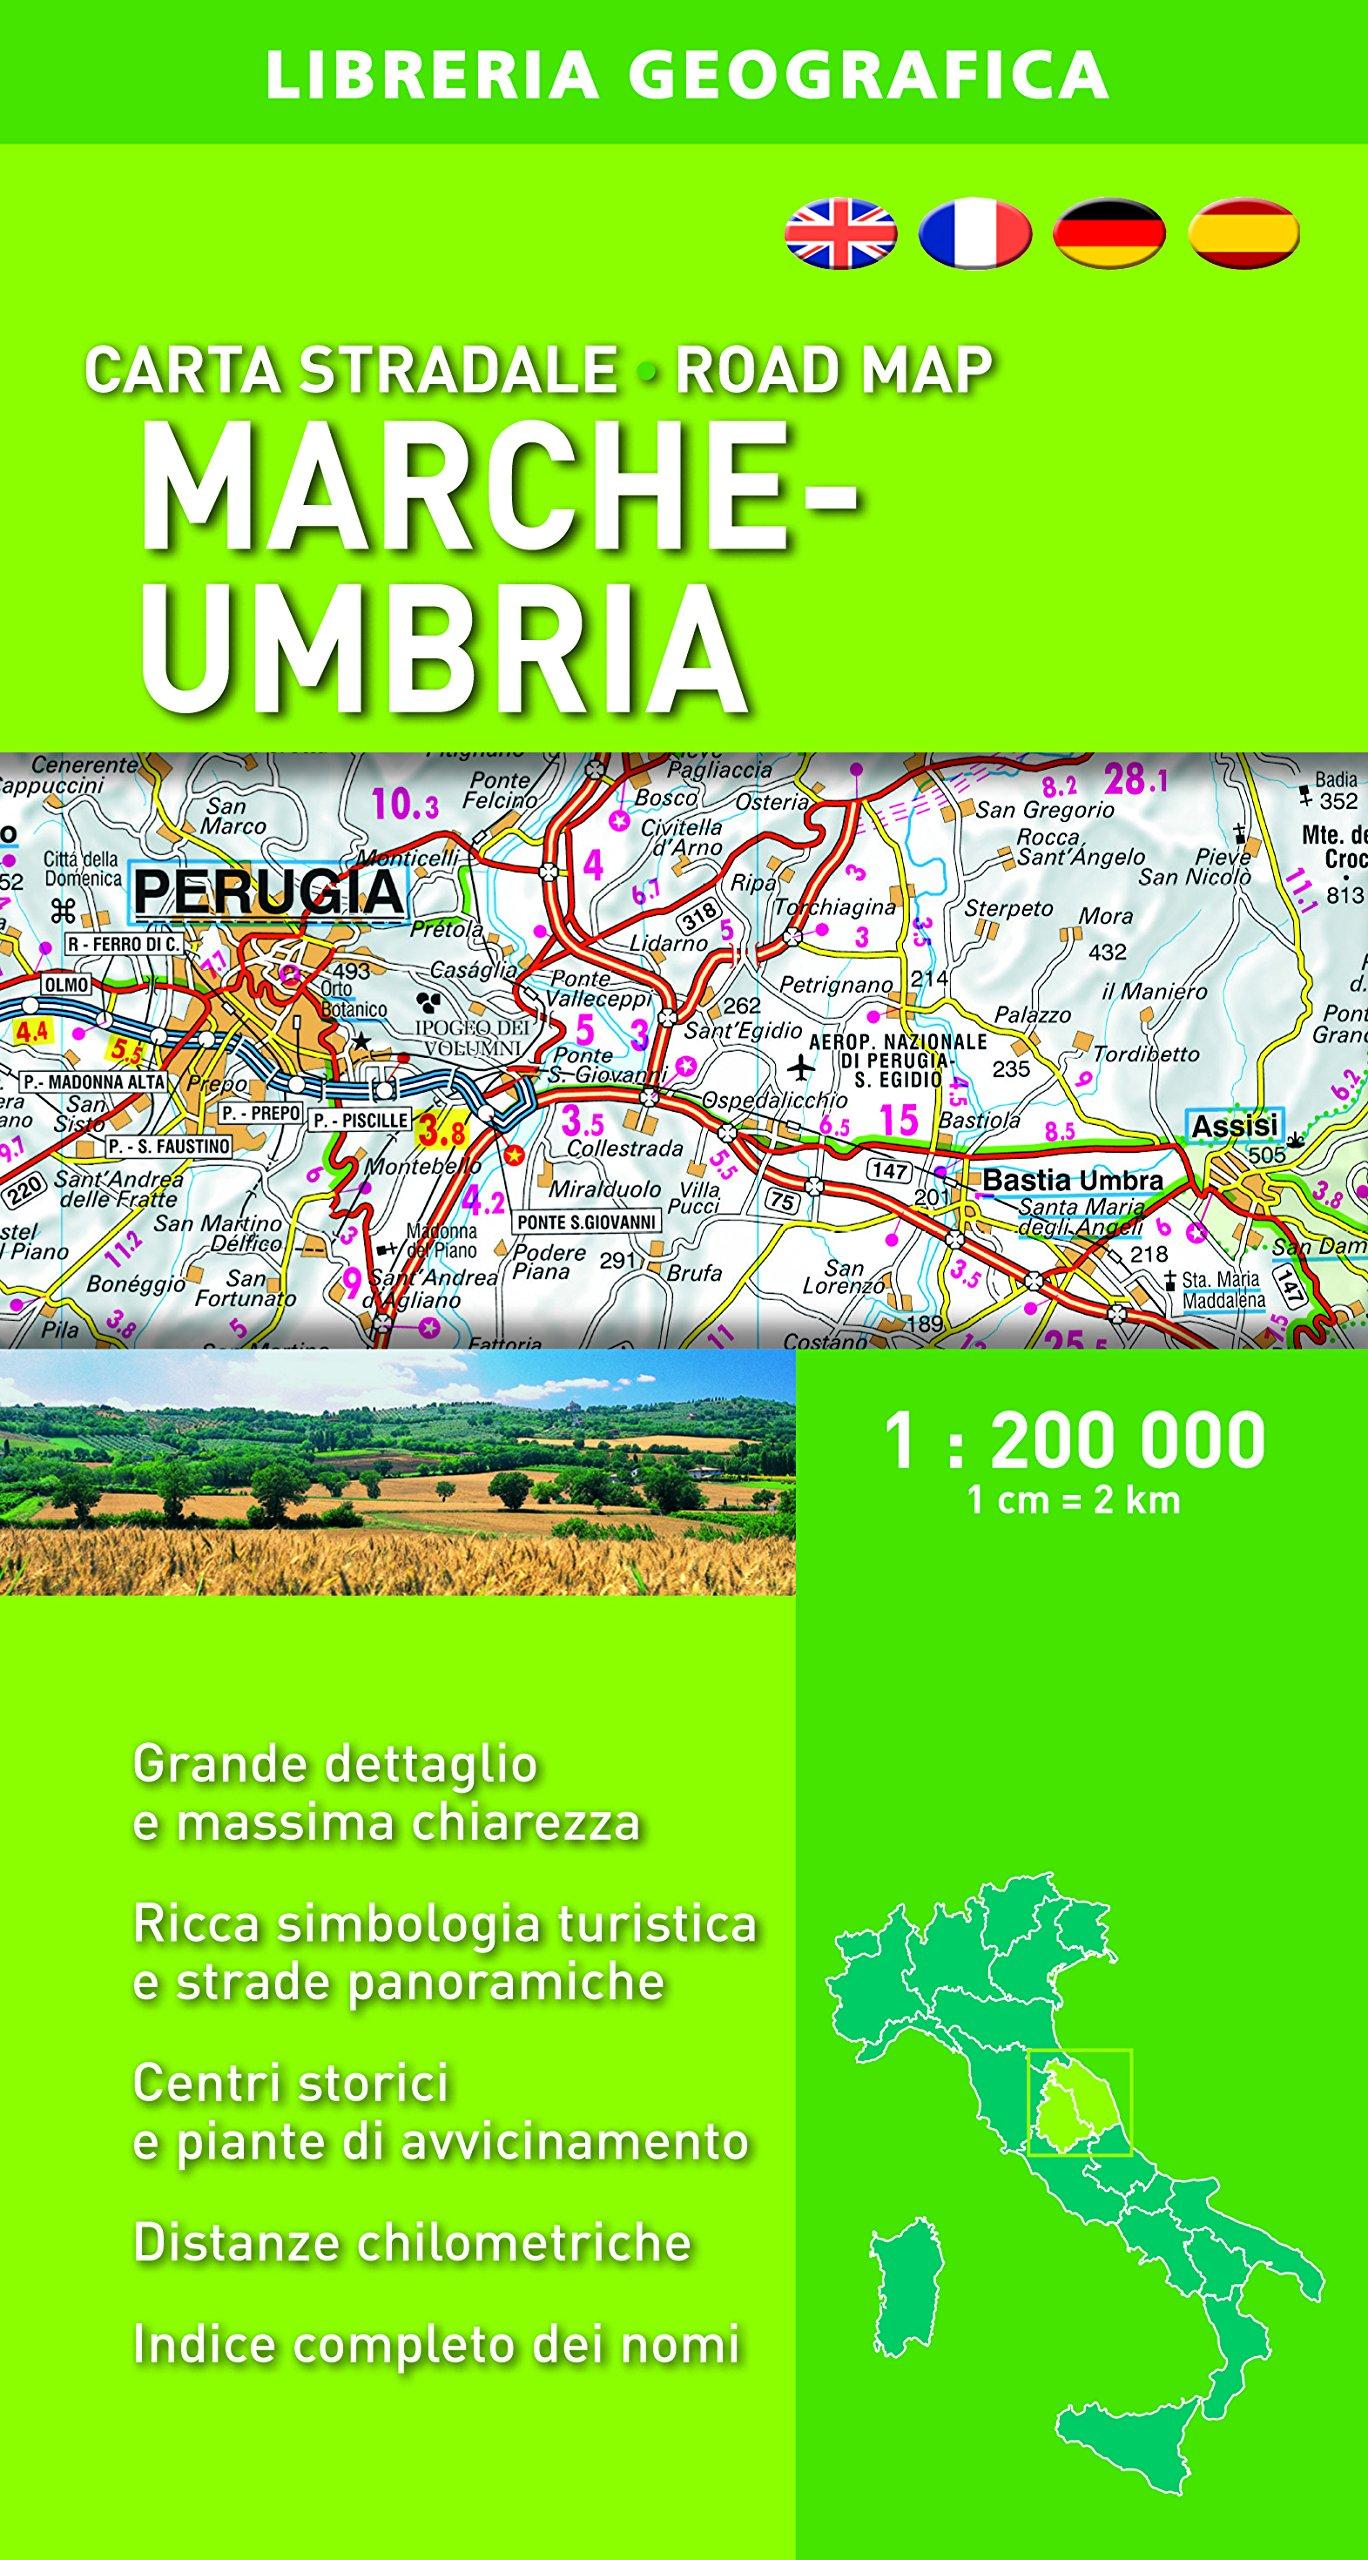 Cartina Stradale Umbria Marche.Carta Stradale Marche E Umbria 1 200 000 Ion 1 0 Libri Amazon It